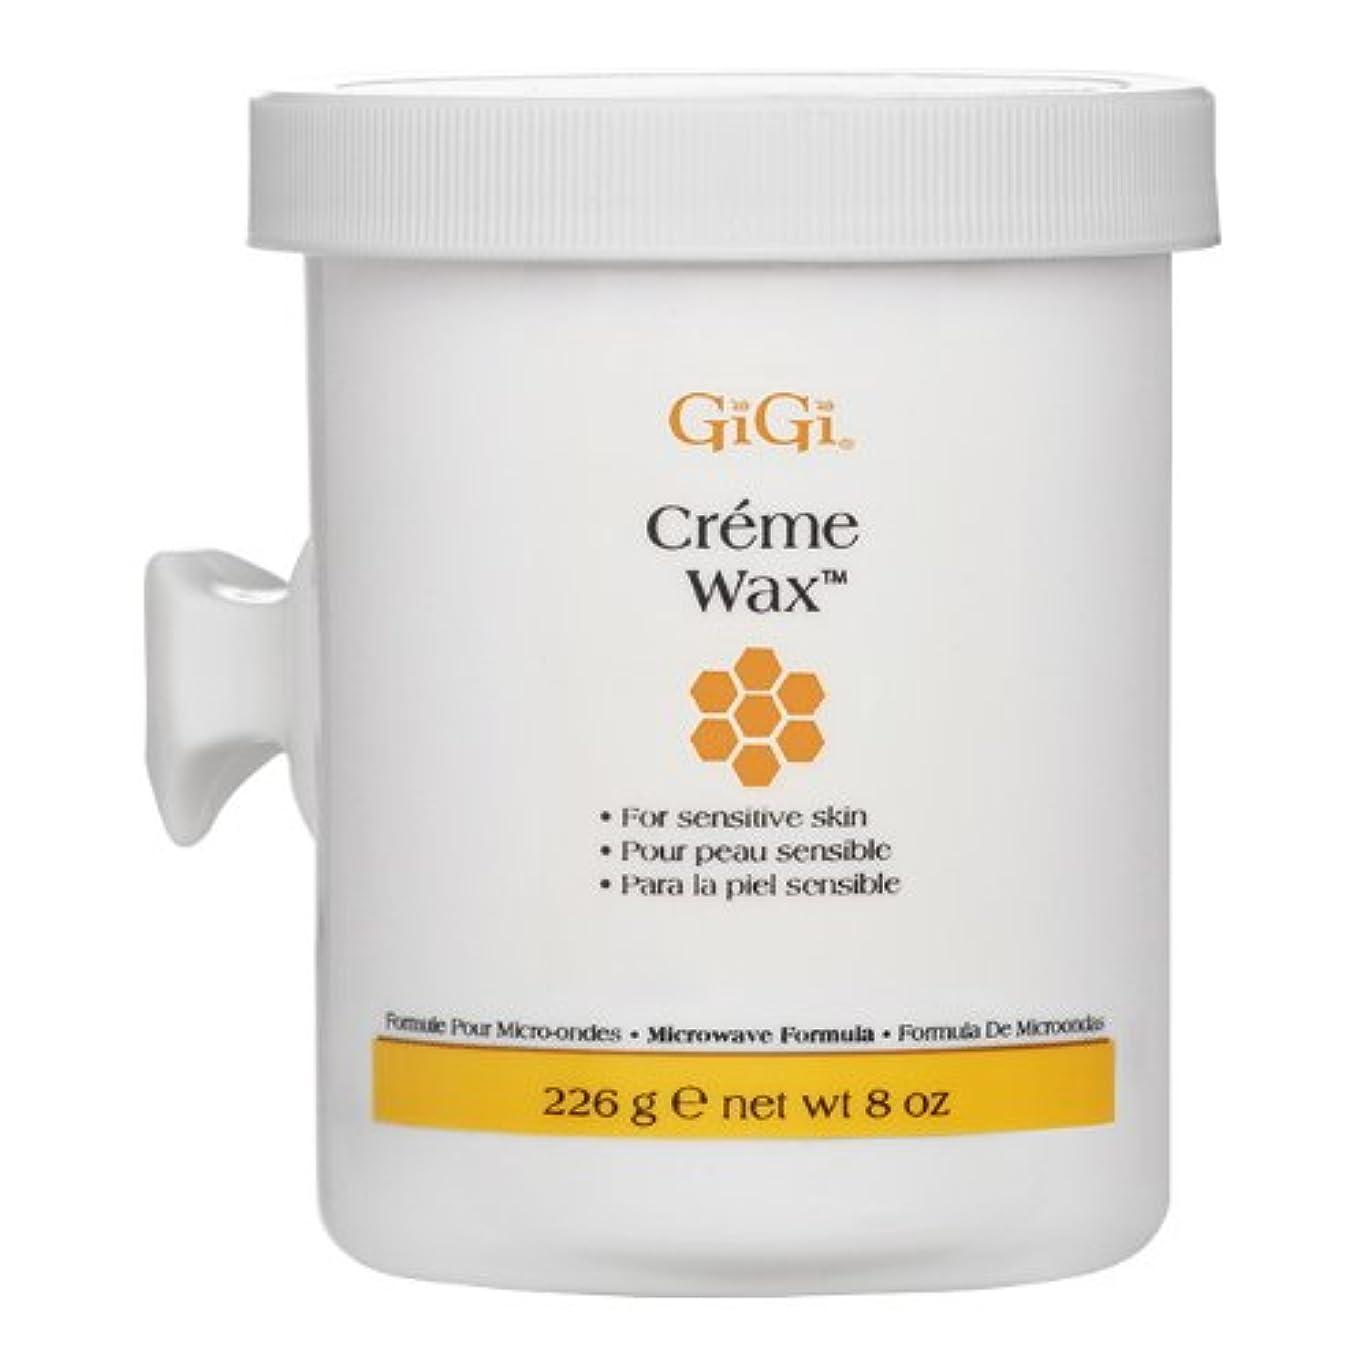 職業ハッチ先入観(6 Pack) GIGI Creme Wax Microwave - GG0360 (並行輸入品)